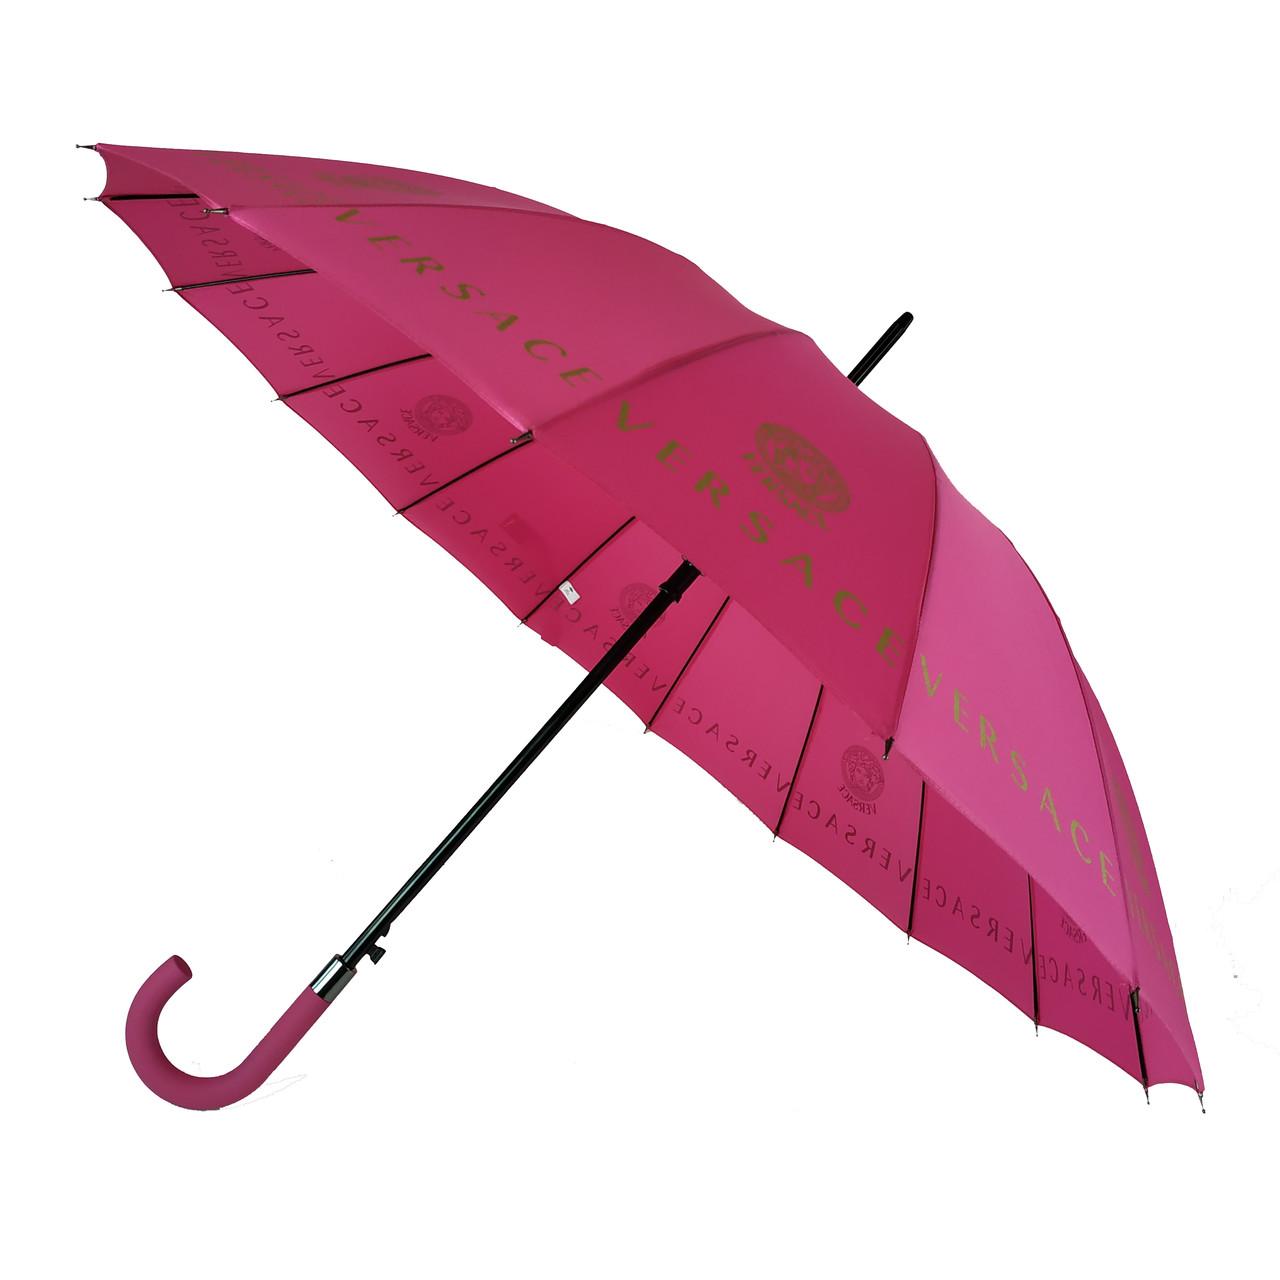 """Женский зонт-трость с логотипами брендов, полуавтомат от фирмы """"MAX"""", розовый, 1001-1"""